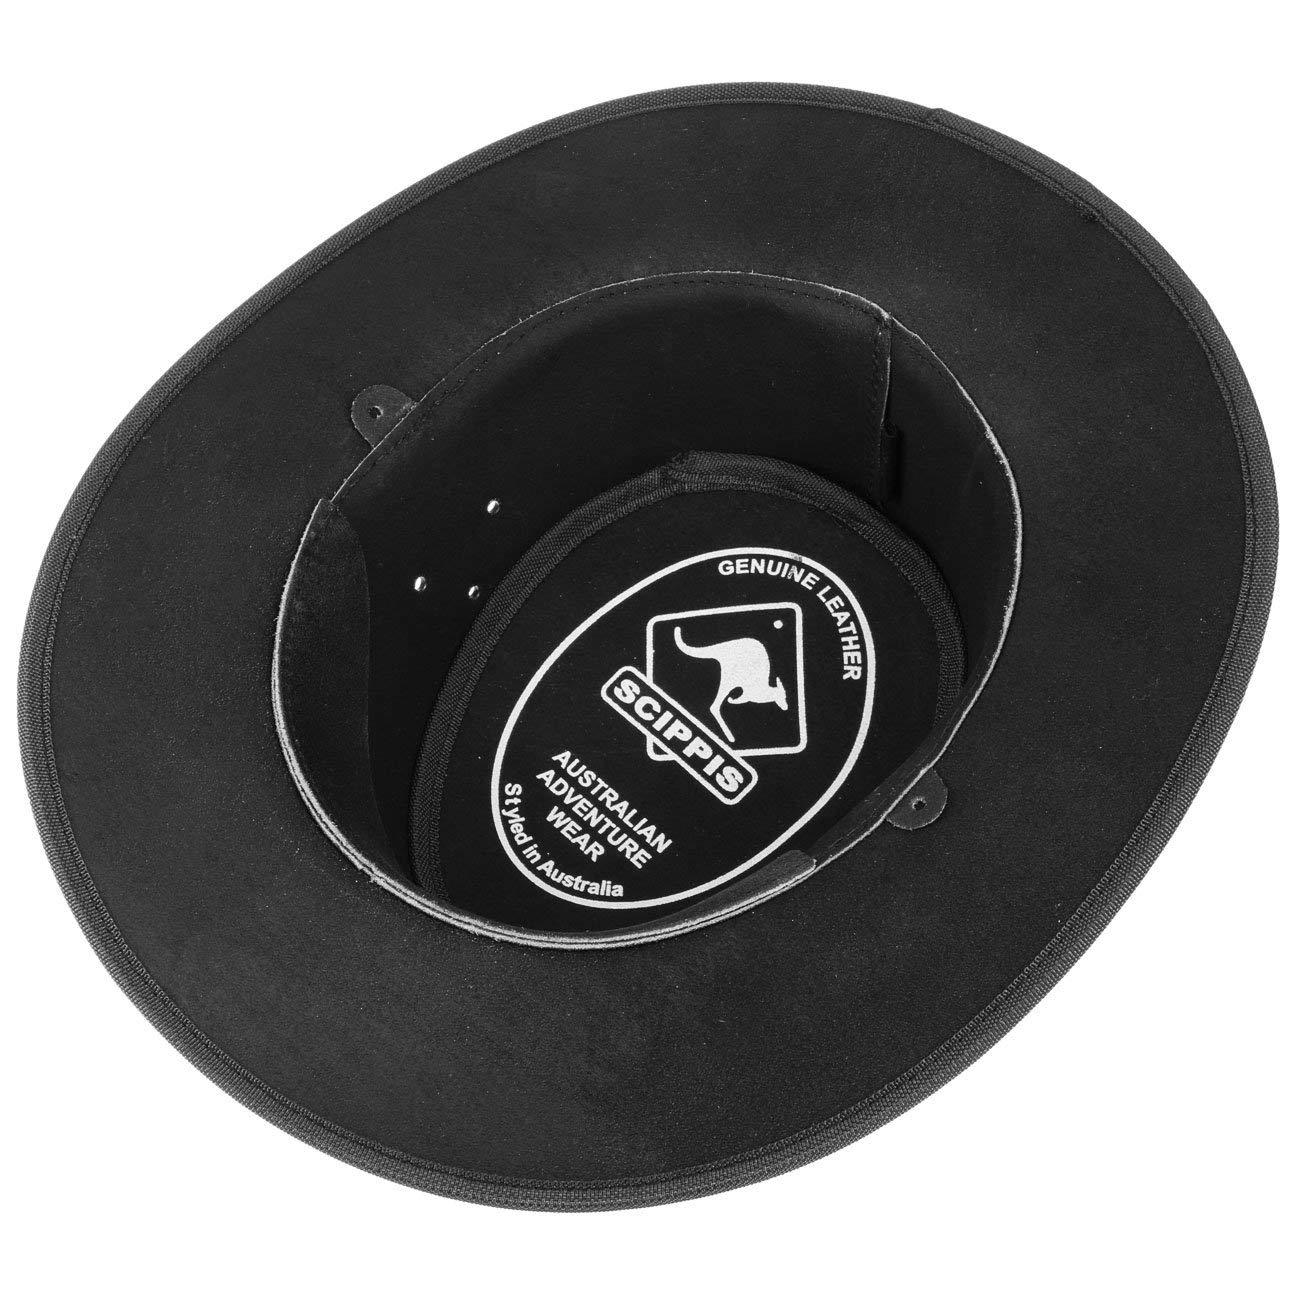 Tombstone Cappello in Pelle cappello da uomo cappello da cowboy cappello  australiano Scippis 8e3f5bee0c97